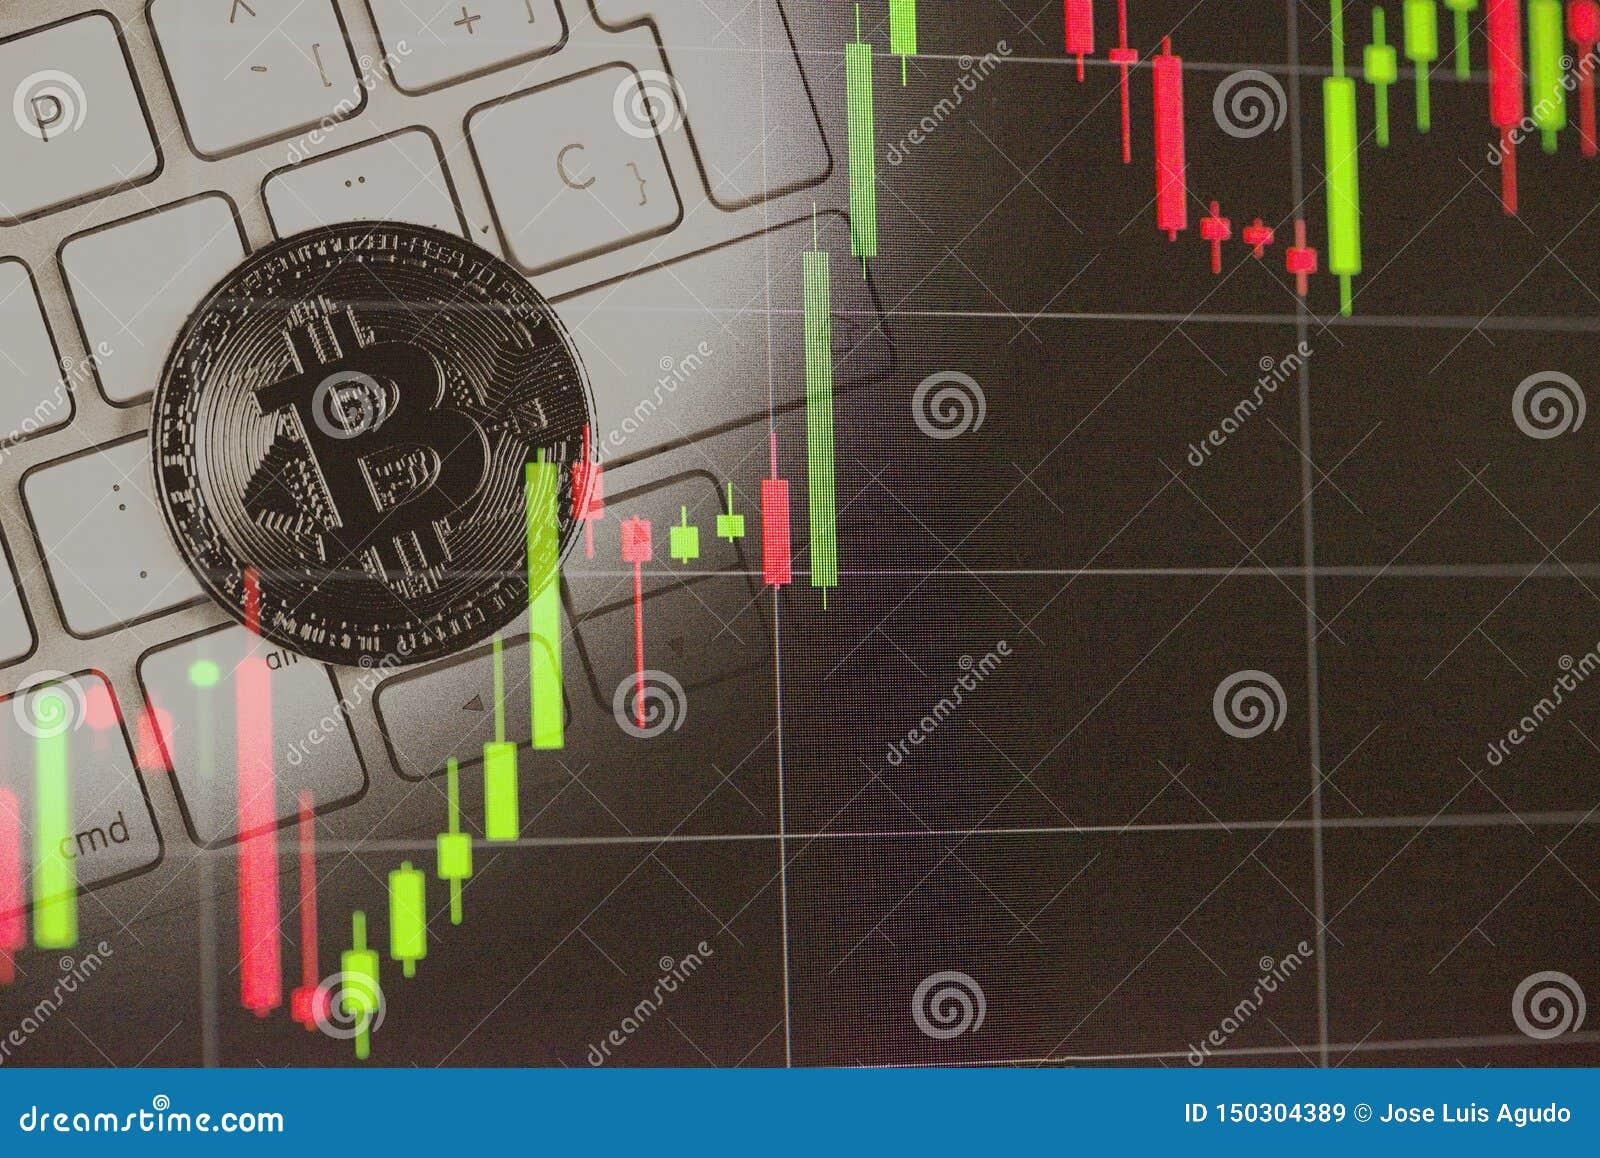 Двойная экспозиция фото Bitcoin и диаграмм фондовой биржи Bitcoins